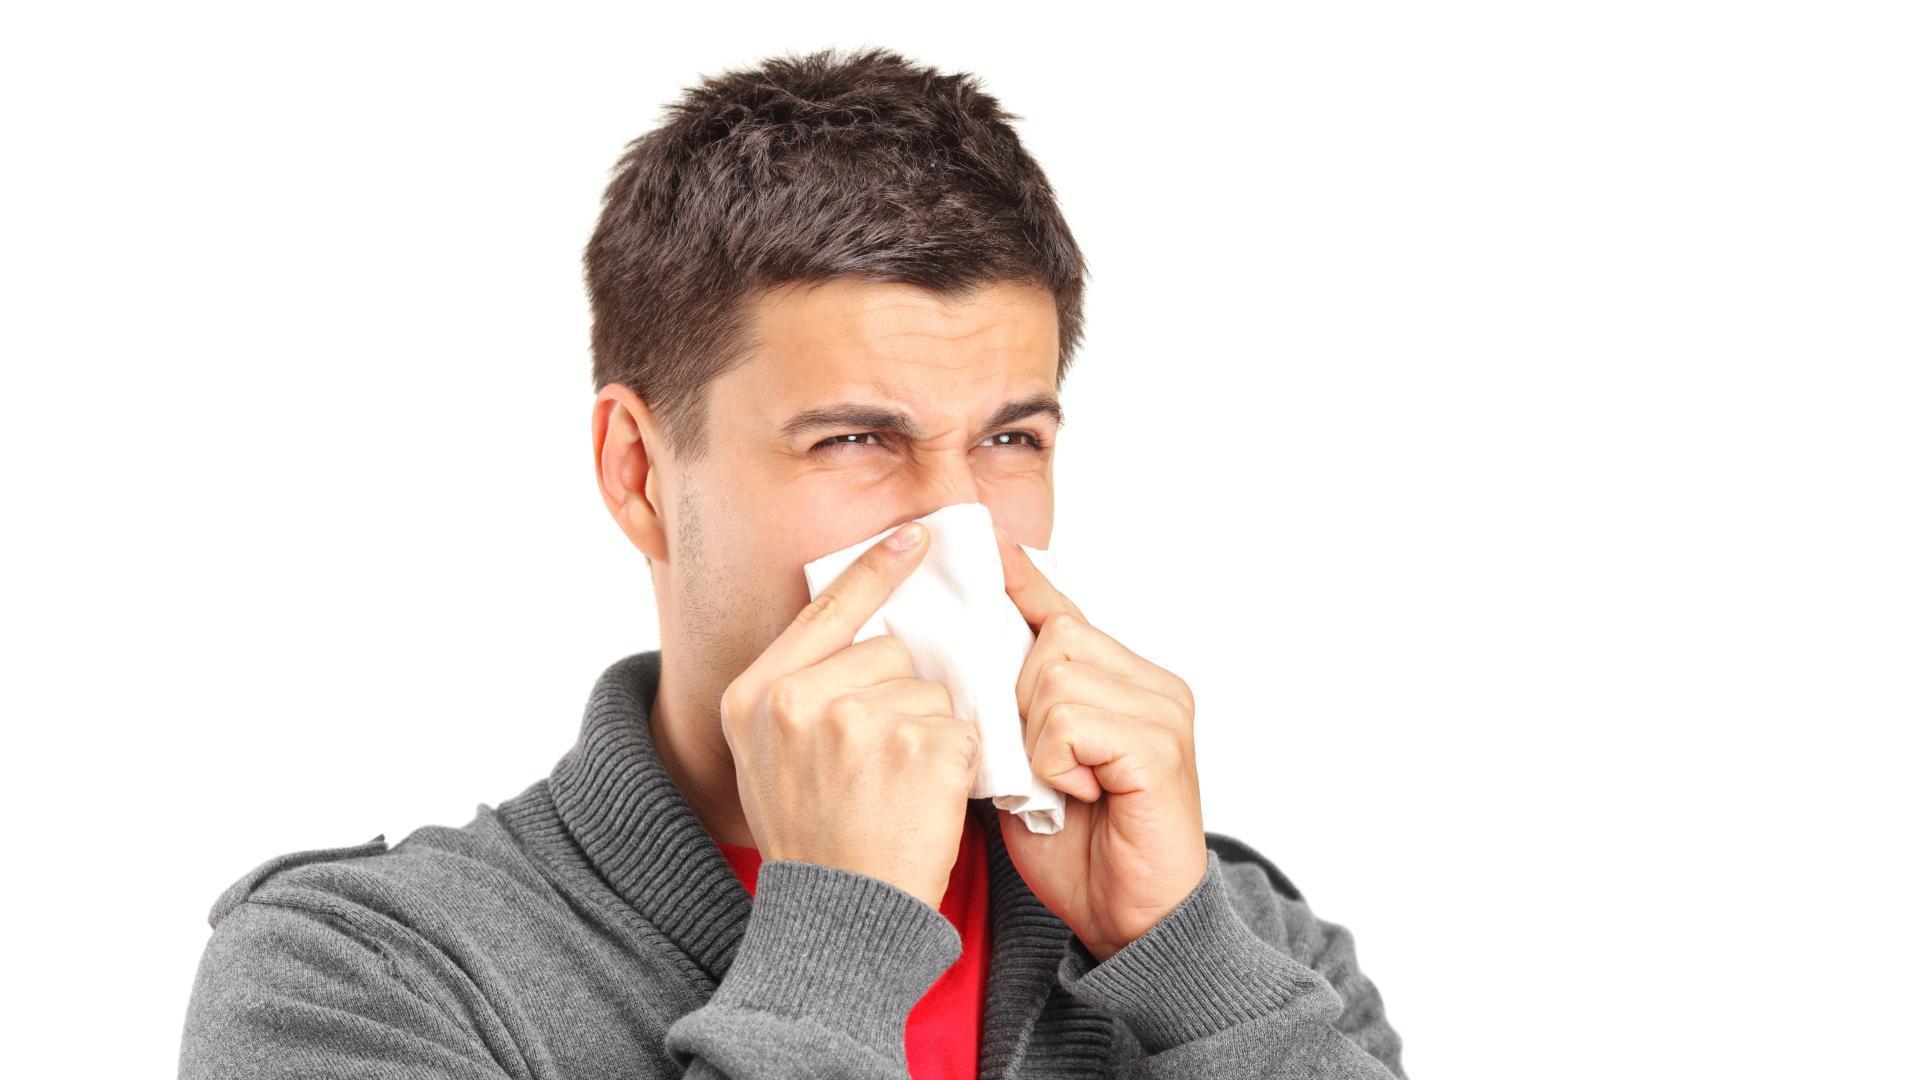 Реснитчатые клетки в носу оказались способны запускать аллергию